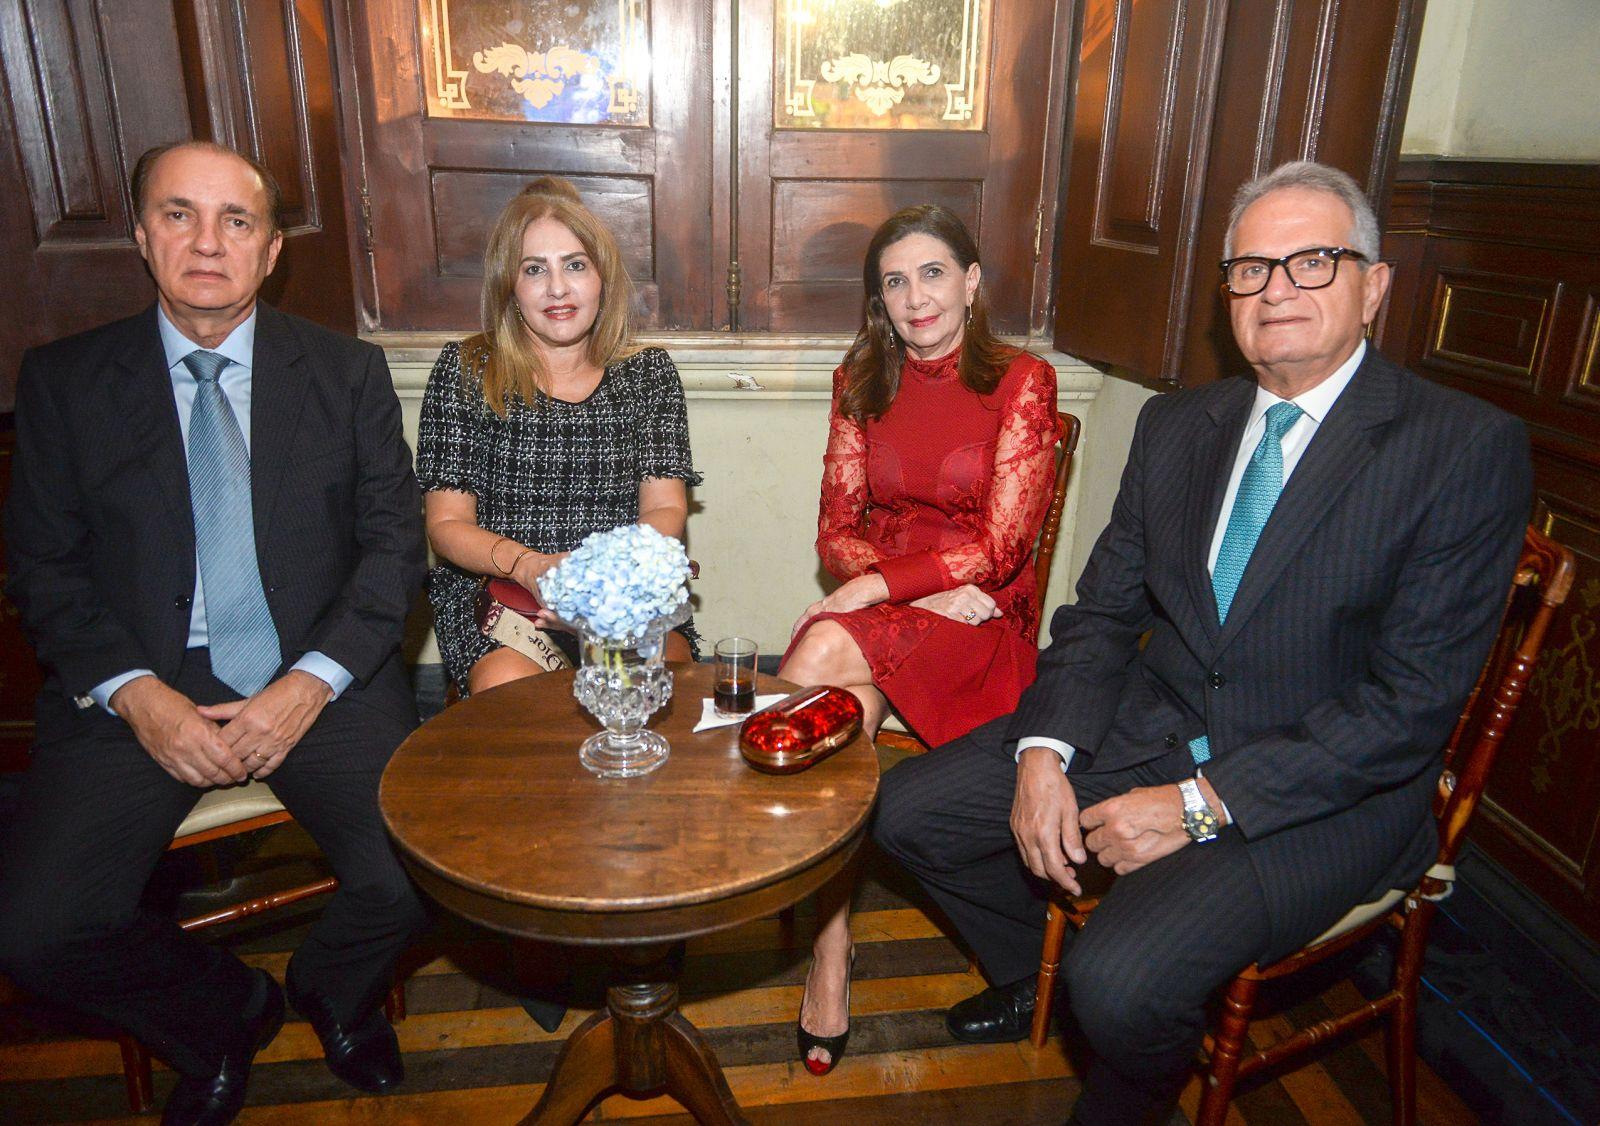 Ivone e Alberto Nunes, Kátia e Tony Tawil destaques 2019 do Clube dos Dirigentes Logistas de Salvador